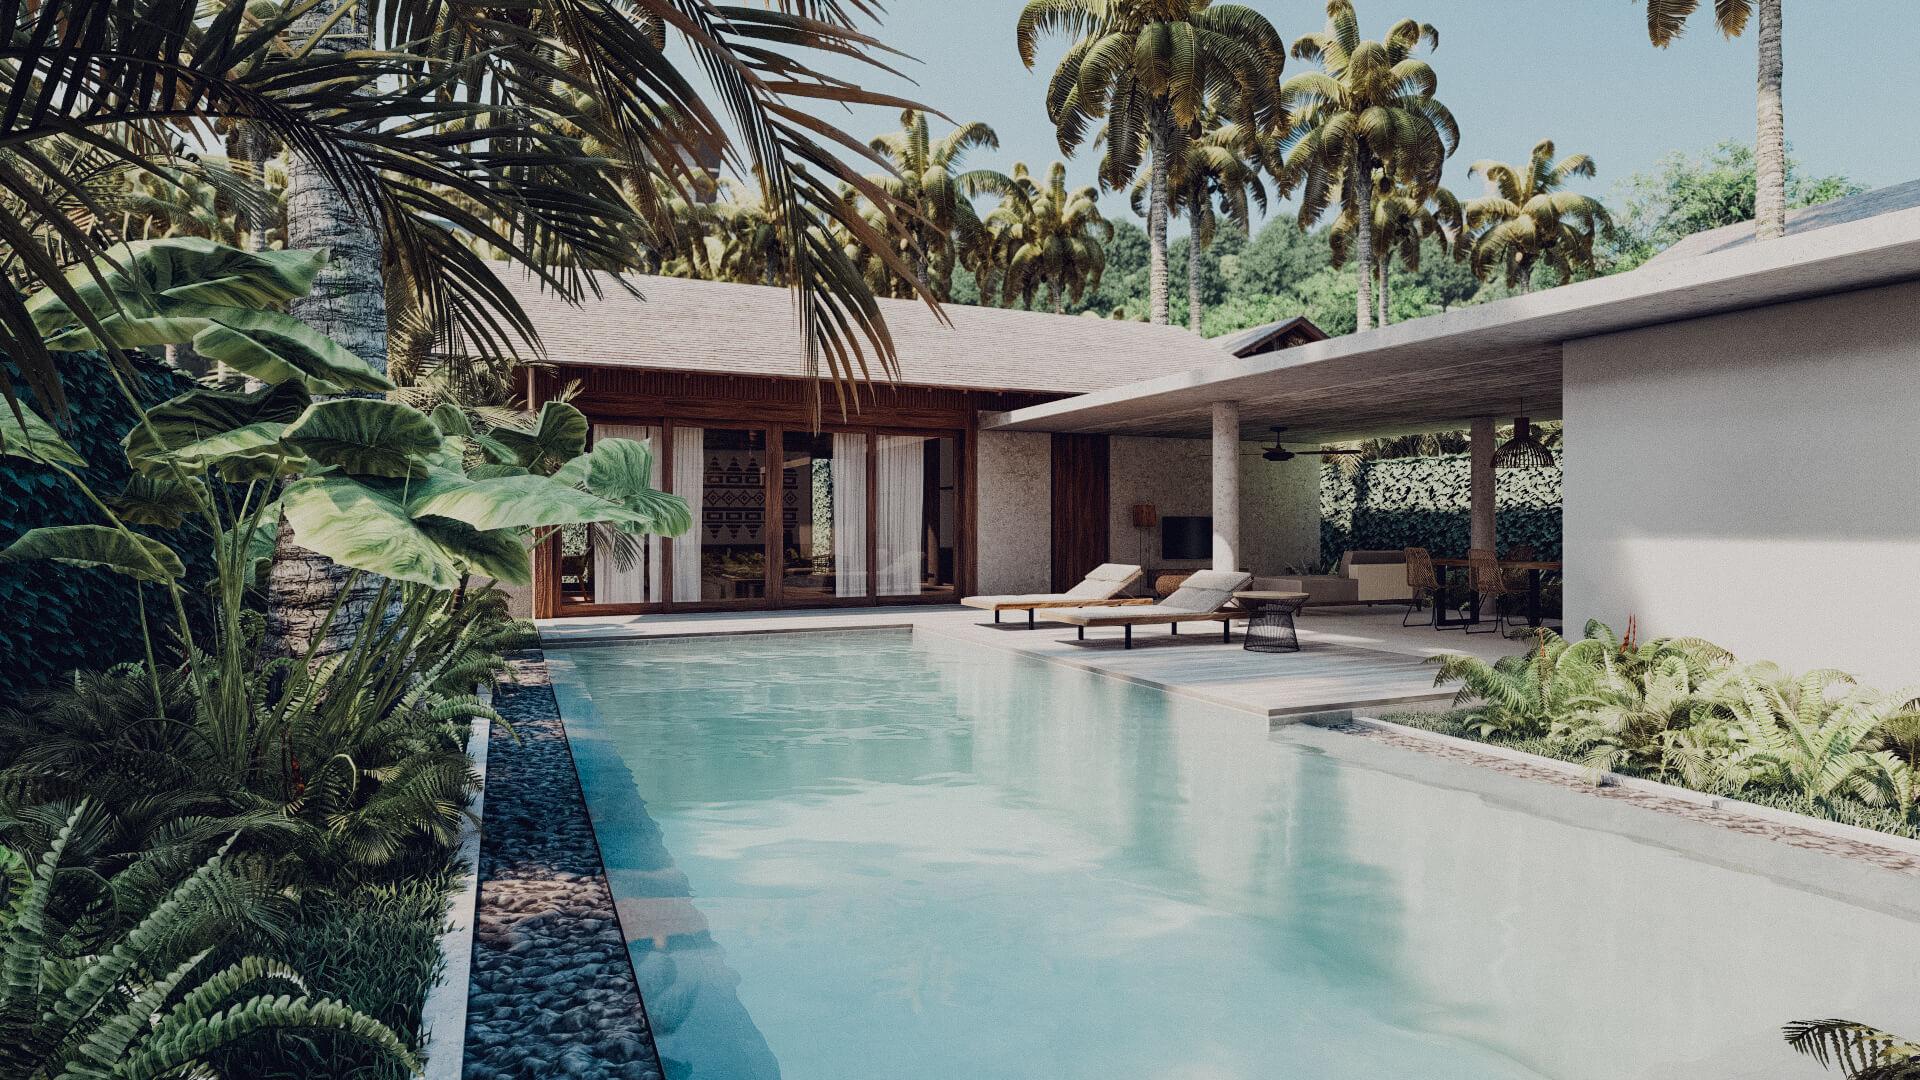 Resort Hotel 1 bedroom Villa Lombok Bali Architect 01